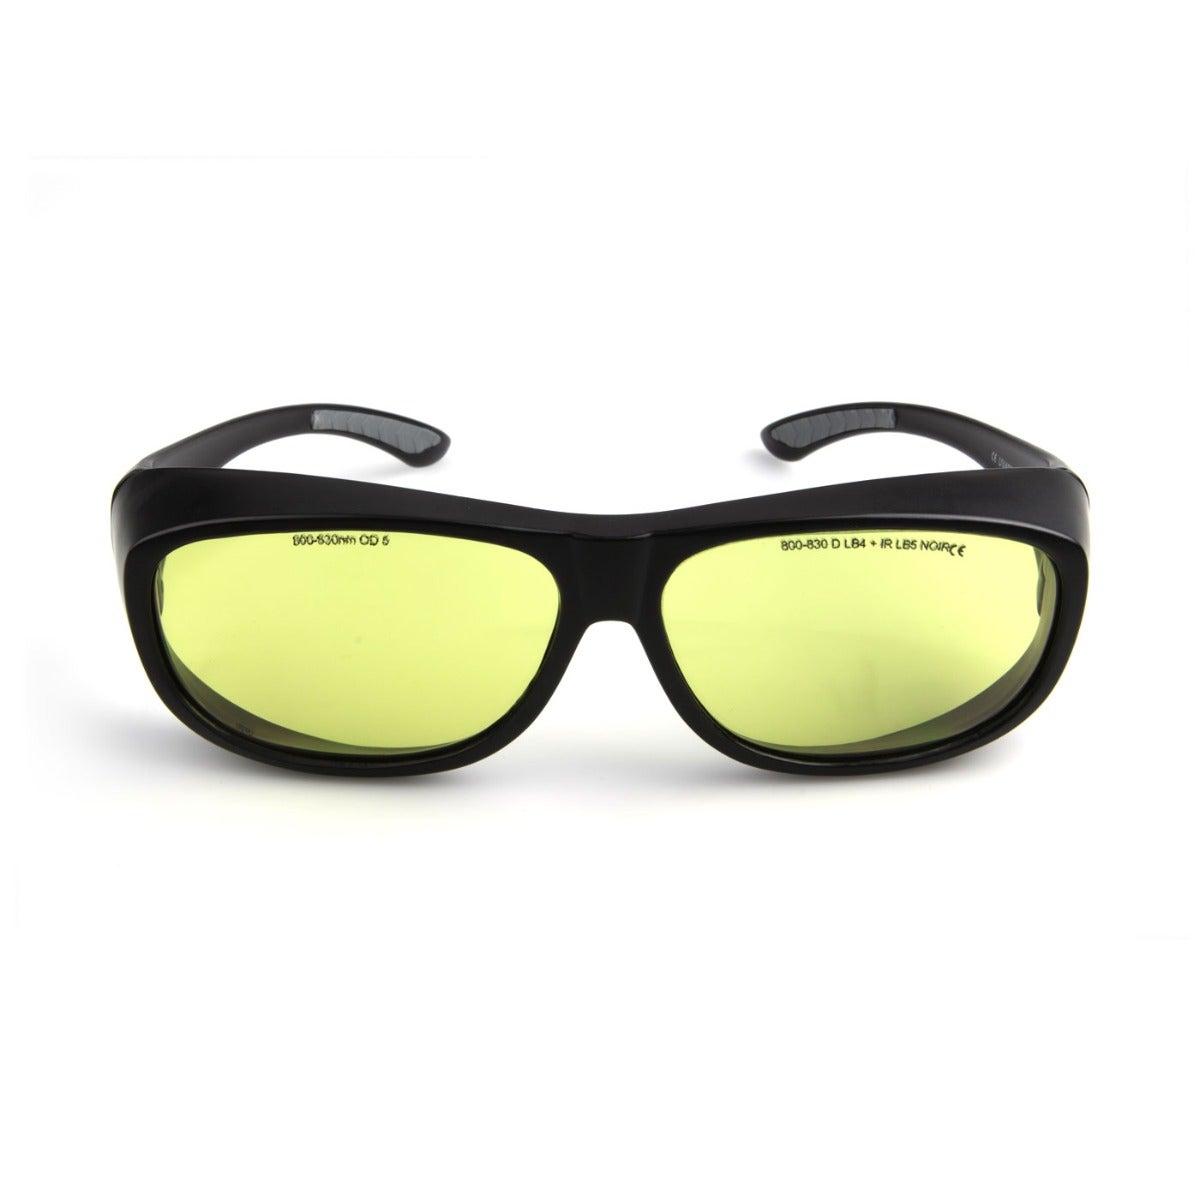 Diode Laser Eyewear - OD>5 800-830nm